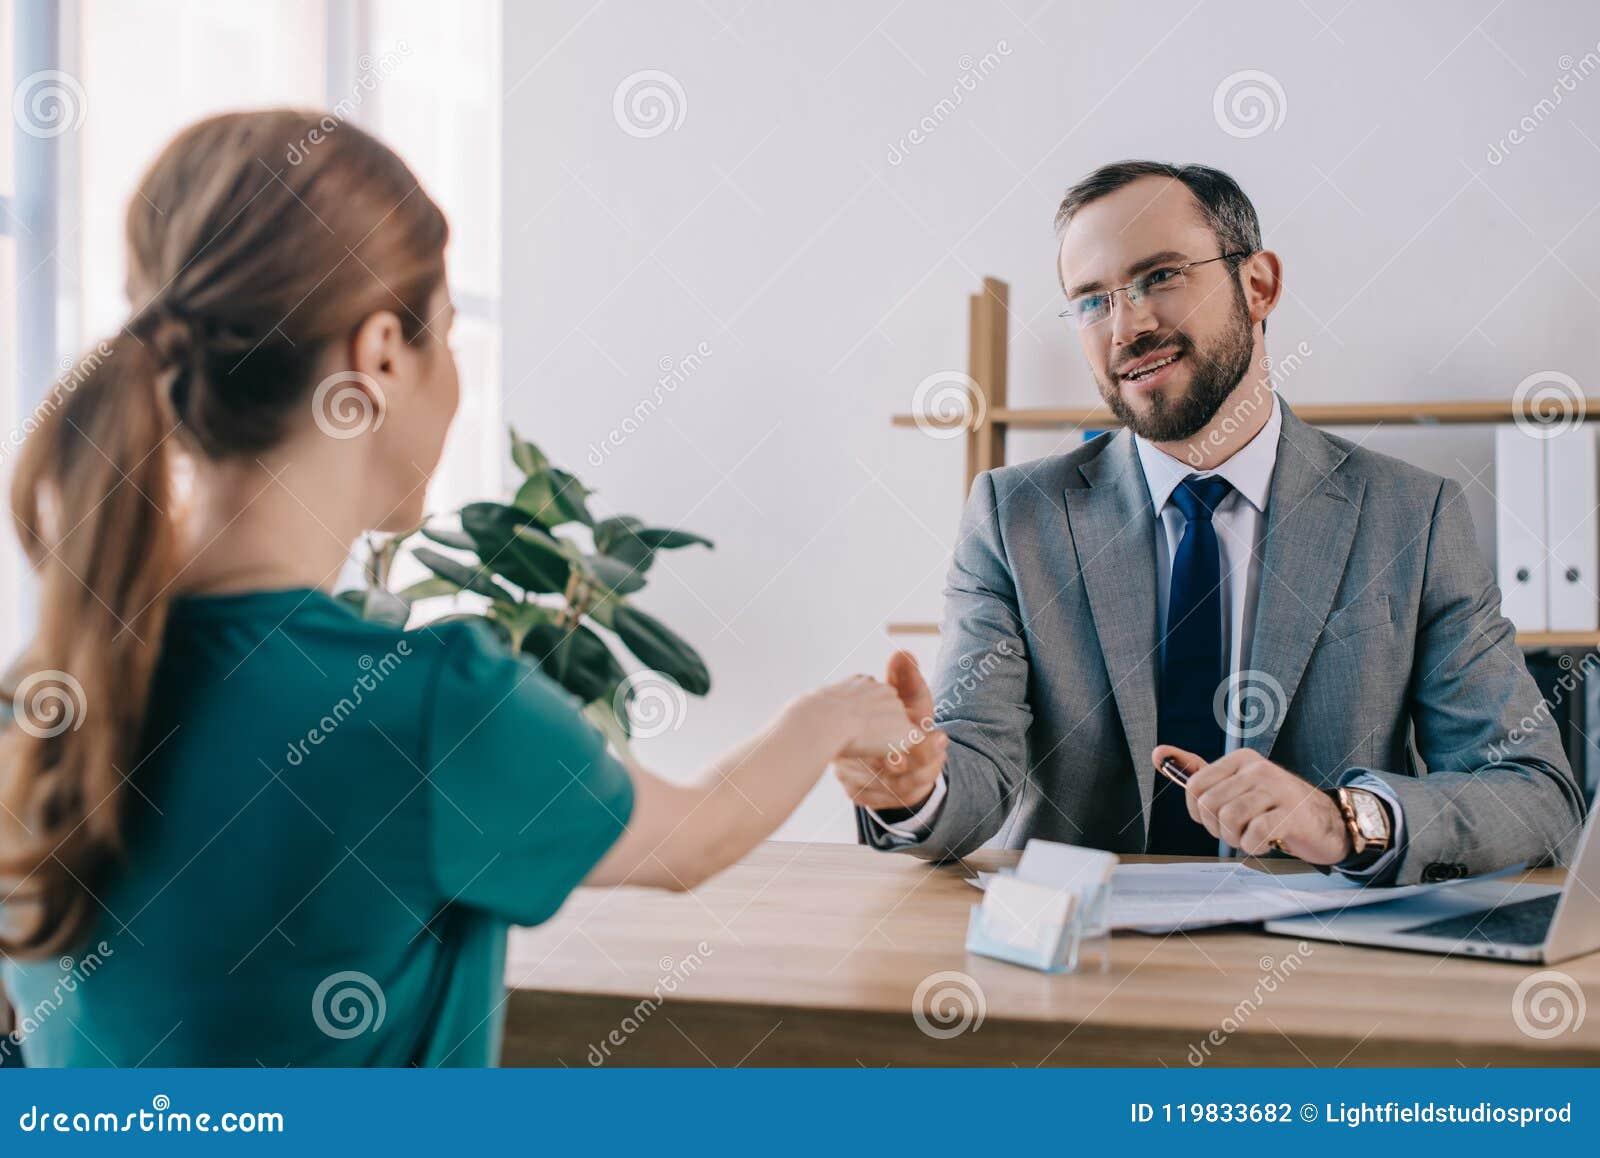 Gedeeltelijke mening van zakenman en cliënt het schudden handen tijdens vergadering